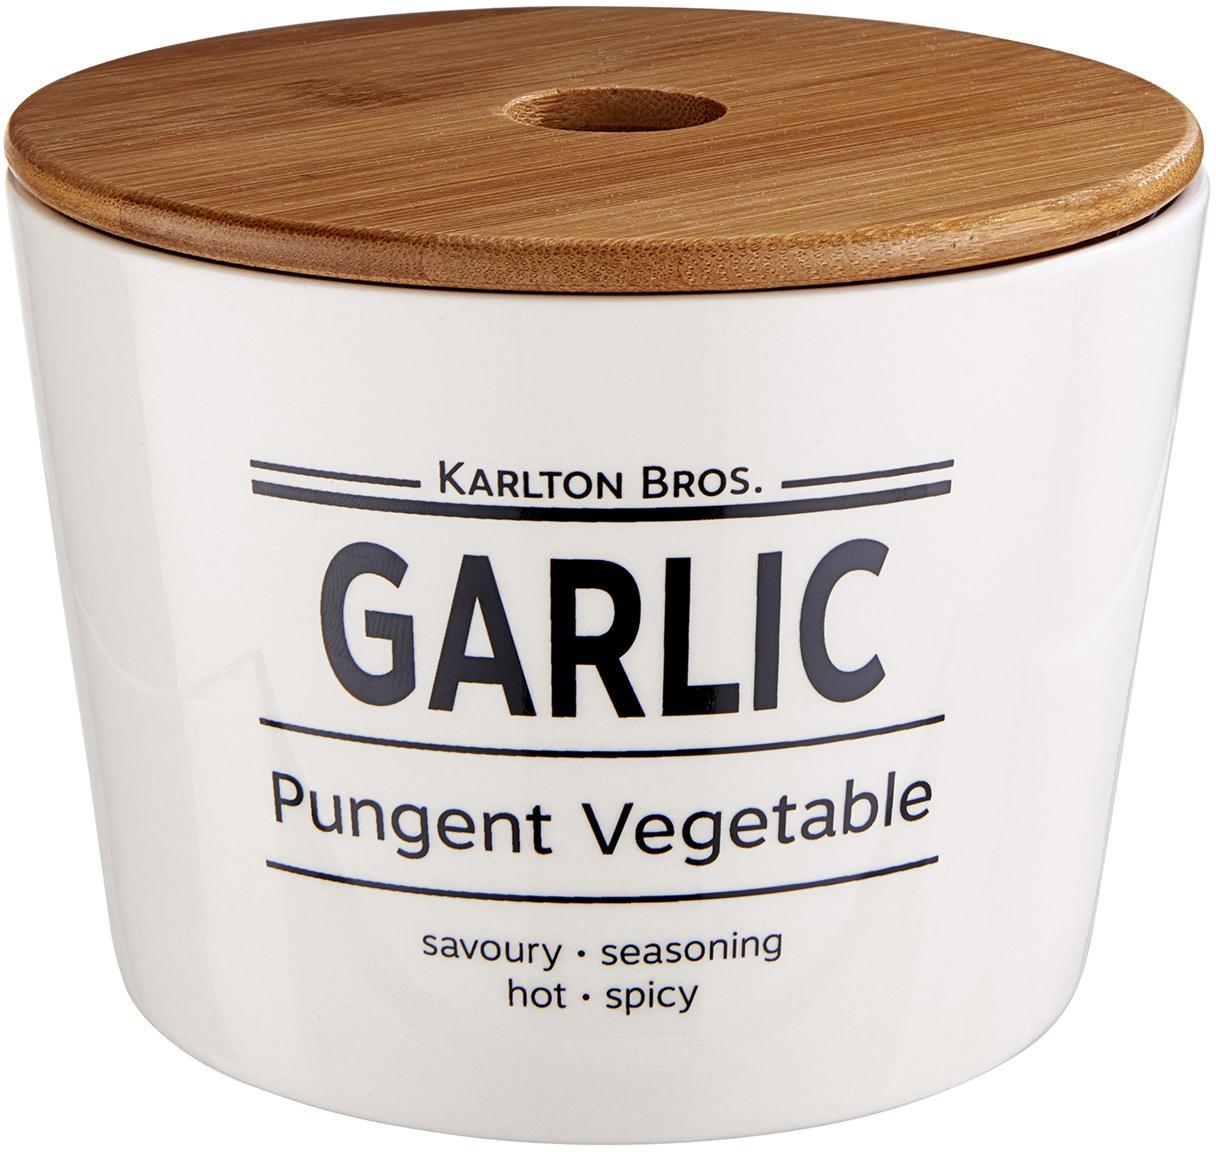 Opbergpot Karlton Bros. Garlic, Porselein, Wit, zwart, bruin, Ø 14 cm